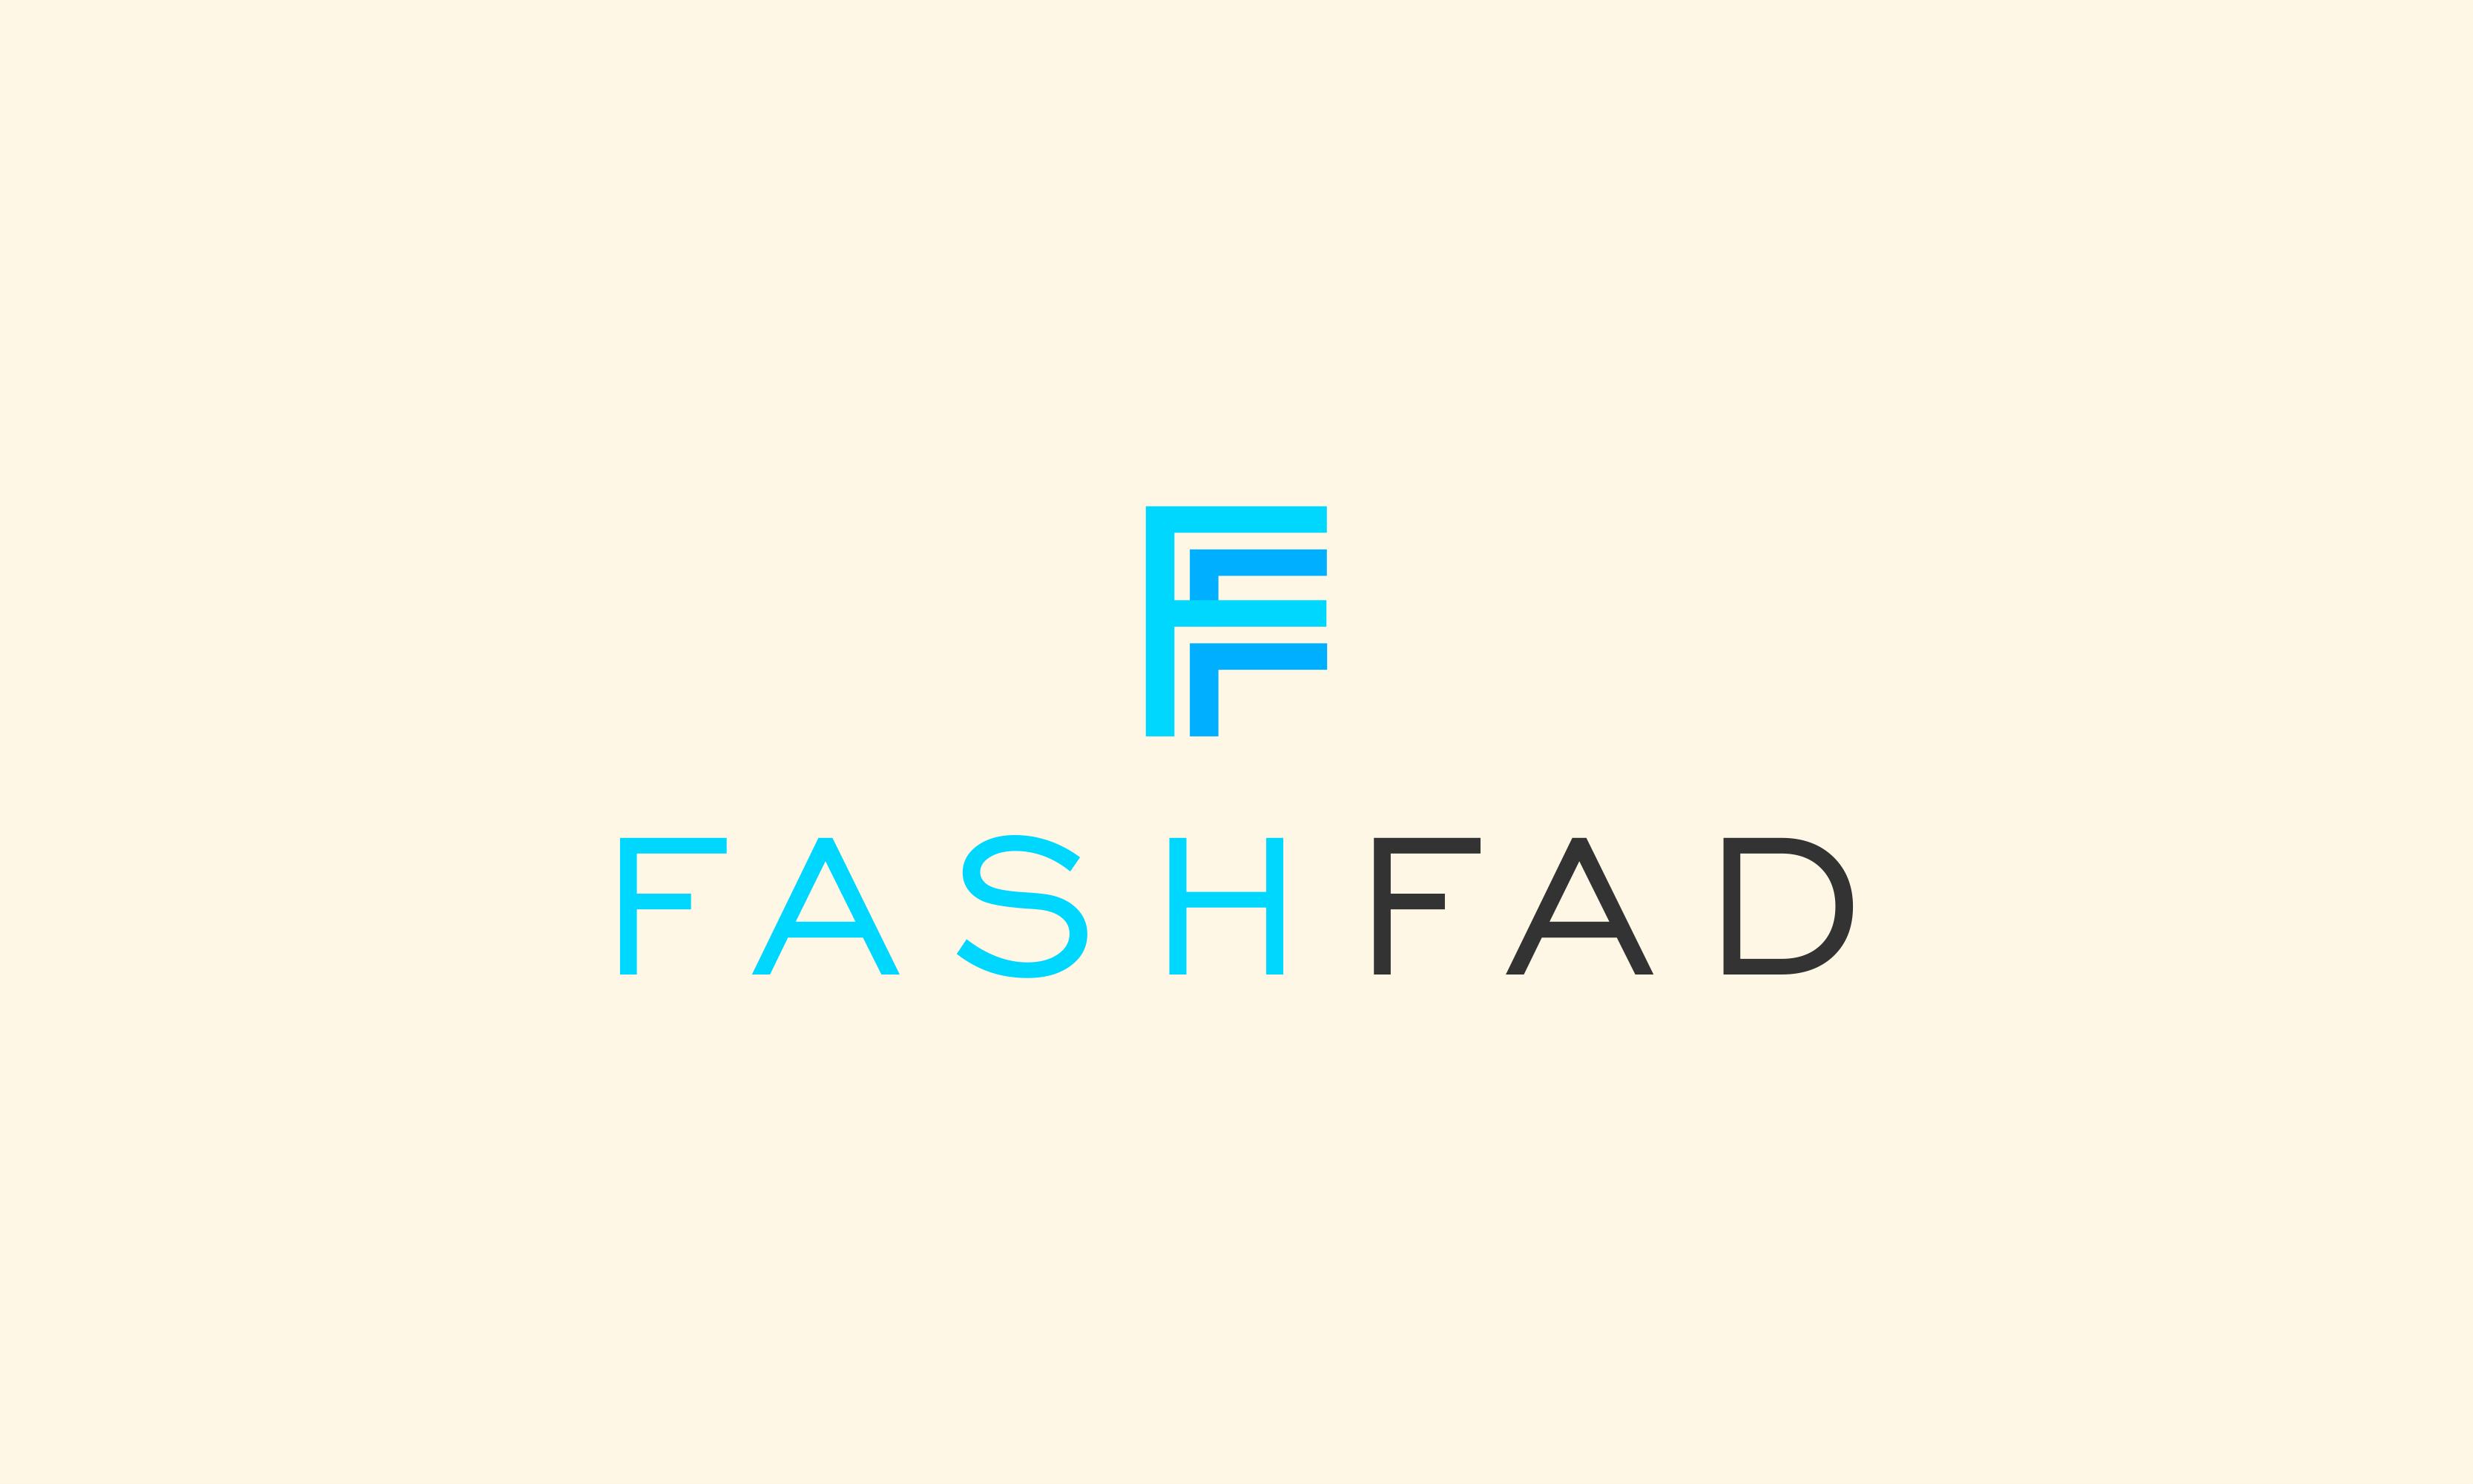 Fashfad